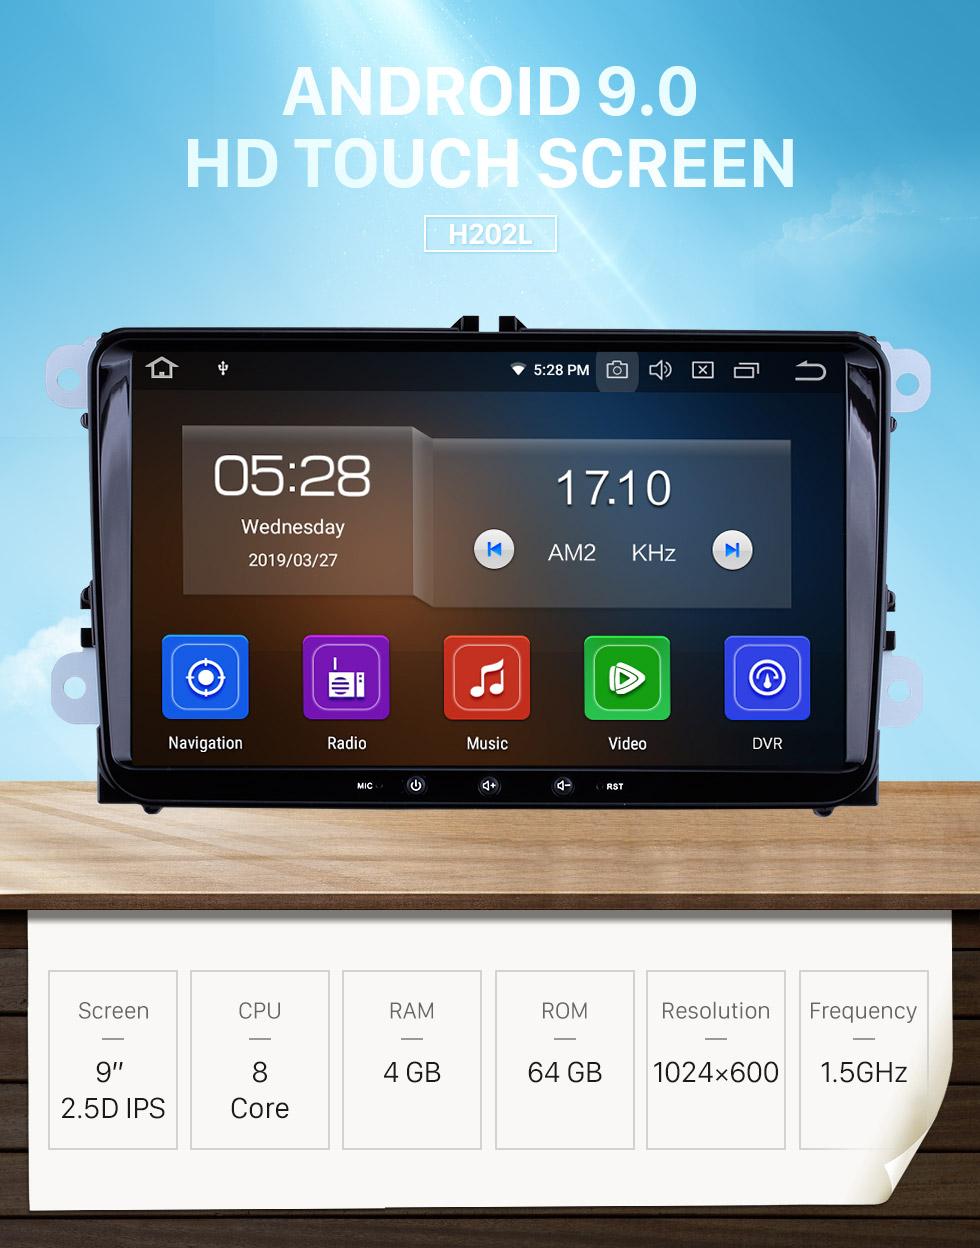 Seicane 2010 2011 Seat Alhambra Android 9.0 Navegación GPS Coche Reproductor de DVD con 3G WiFi Mirror Link Cámara de respaldo OBD2 DVR HD Pantalla táctil Control del volante Bluetooth